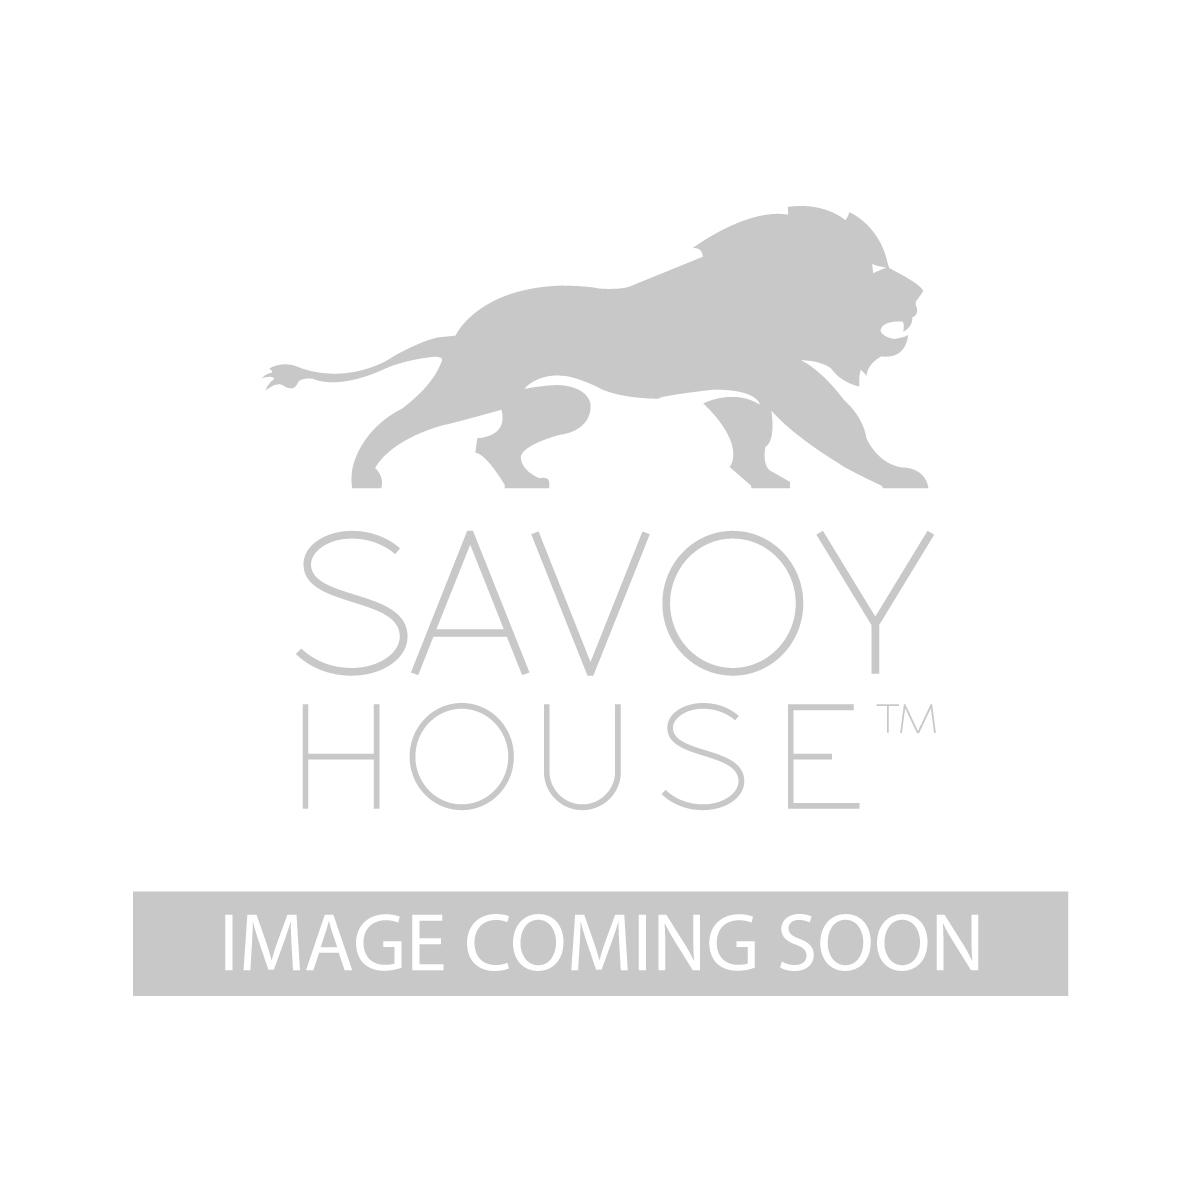 60 5035 3CN SN Fairfax 60 inch 3 Blade Ceiling Fan by Savoy House